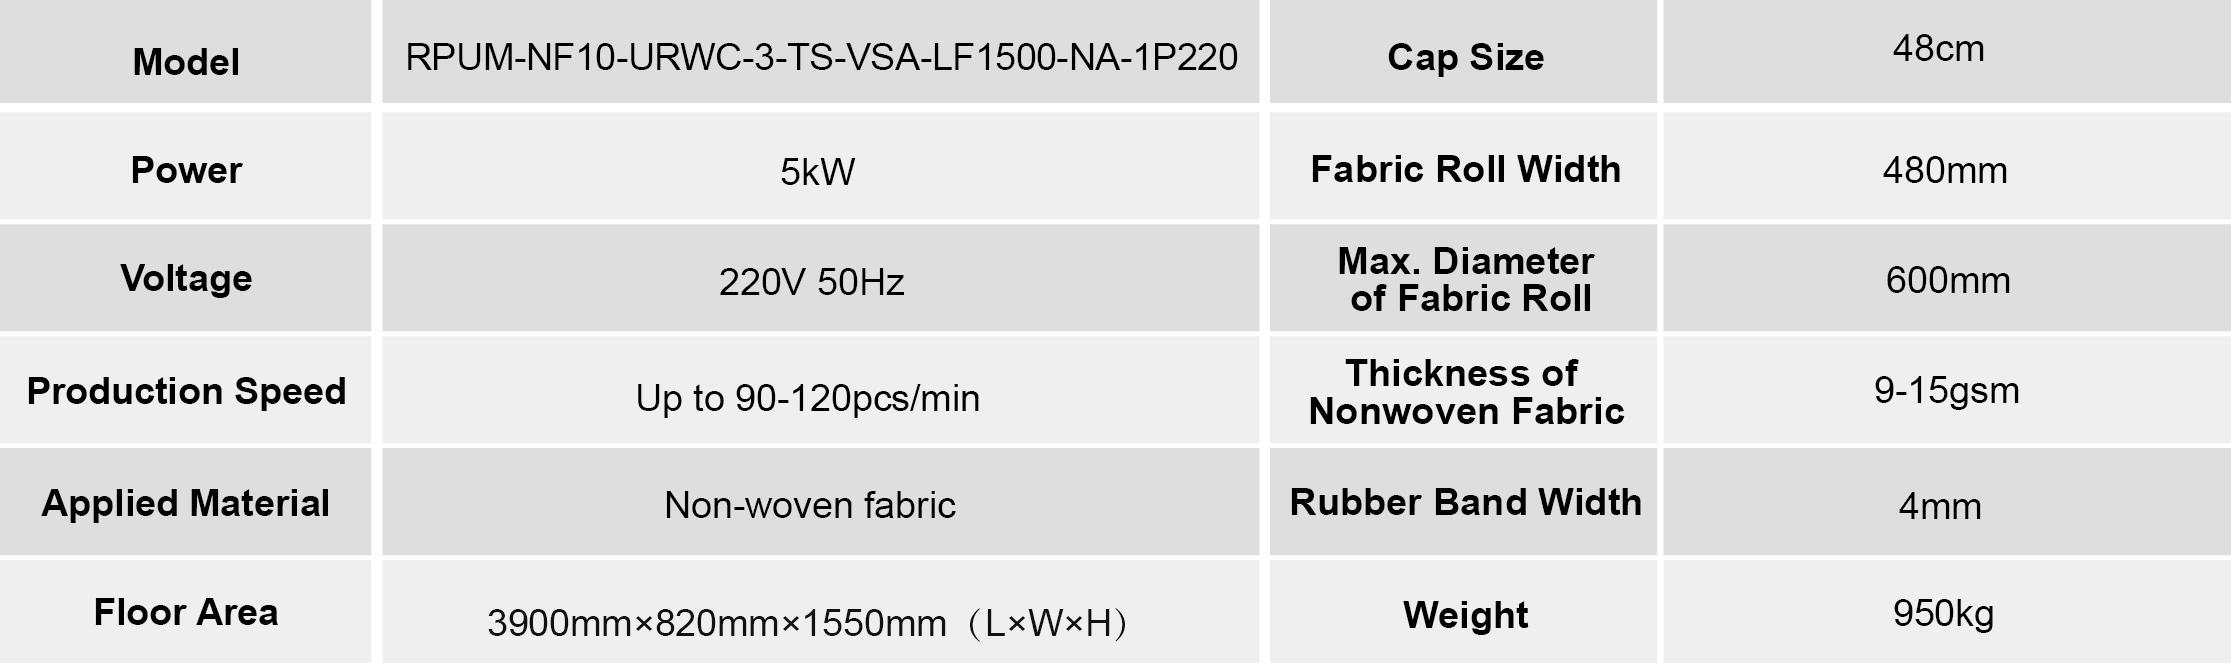 20210106富怡一次性条形帽机-英文版-033331